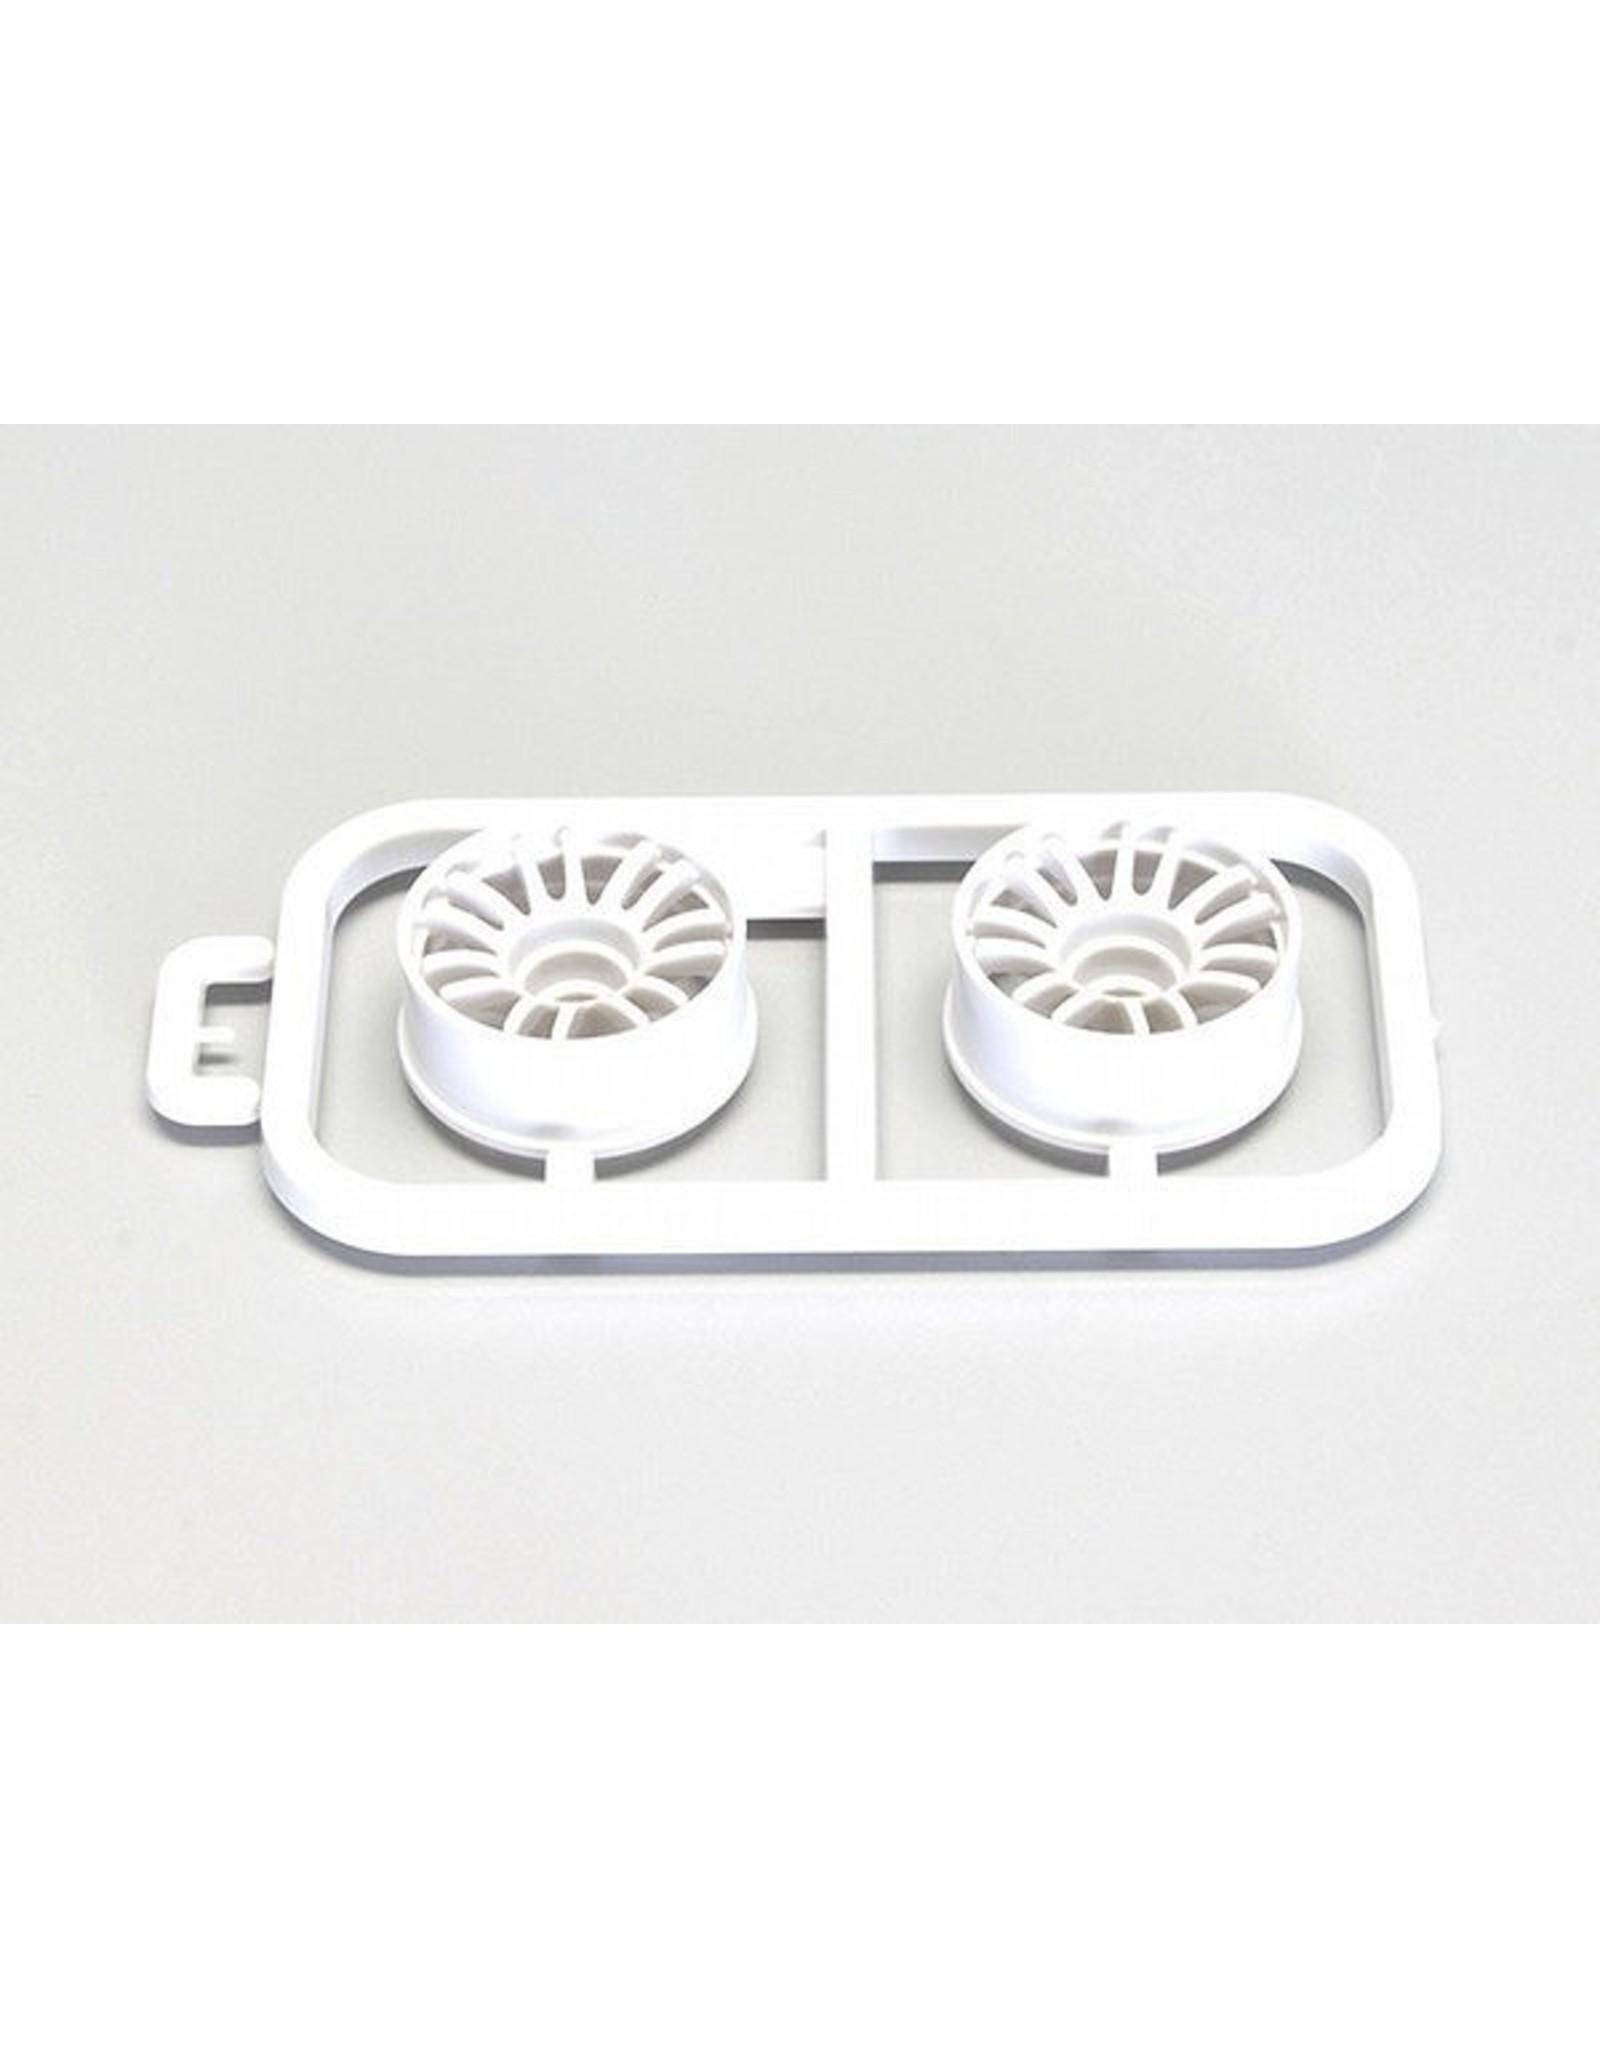 Kyosho Multi Wheel II N/Offset 2 (White/RE30/2pcs) (MZH131W-N2)